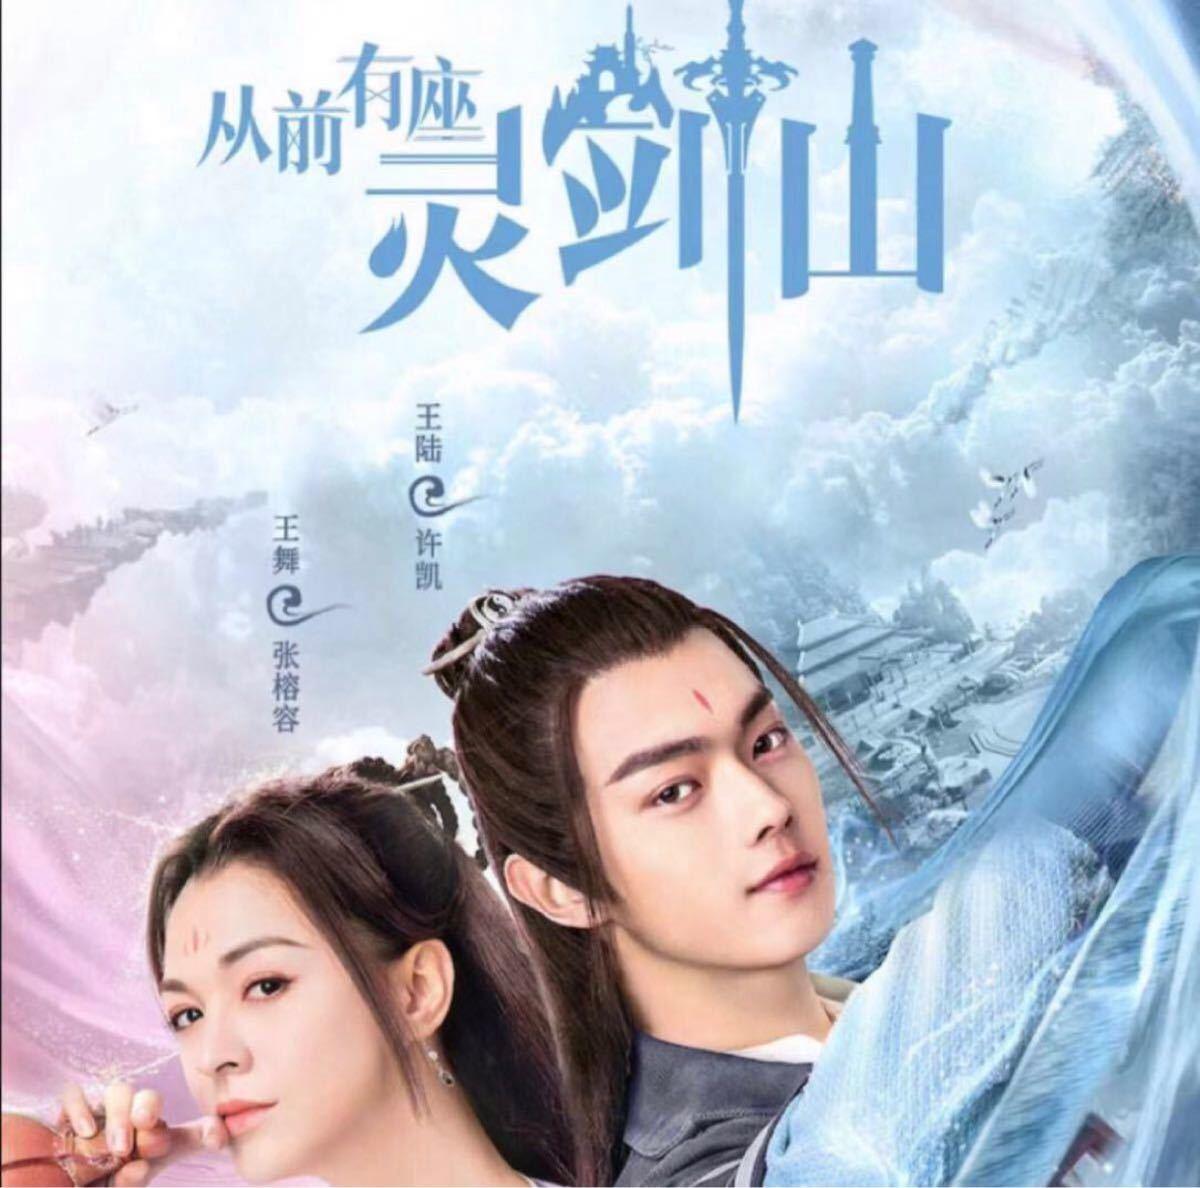 中国ドラマ【靈劍山】全話収録 Blu-ray/ブルーレイ